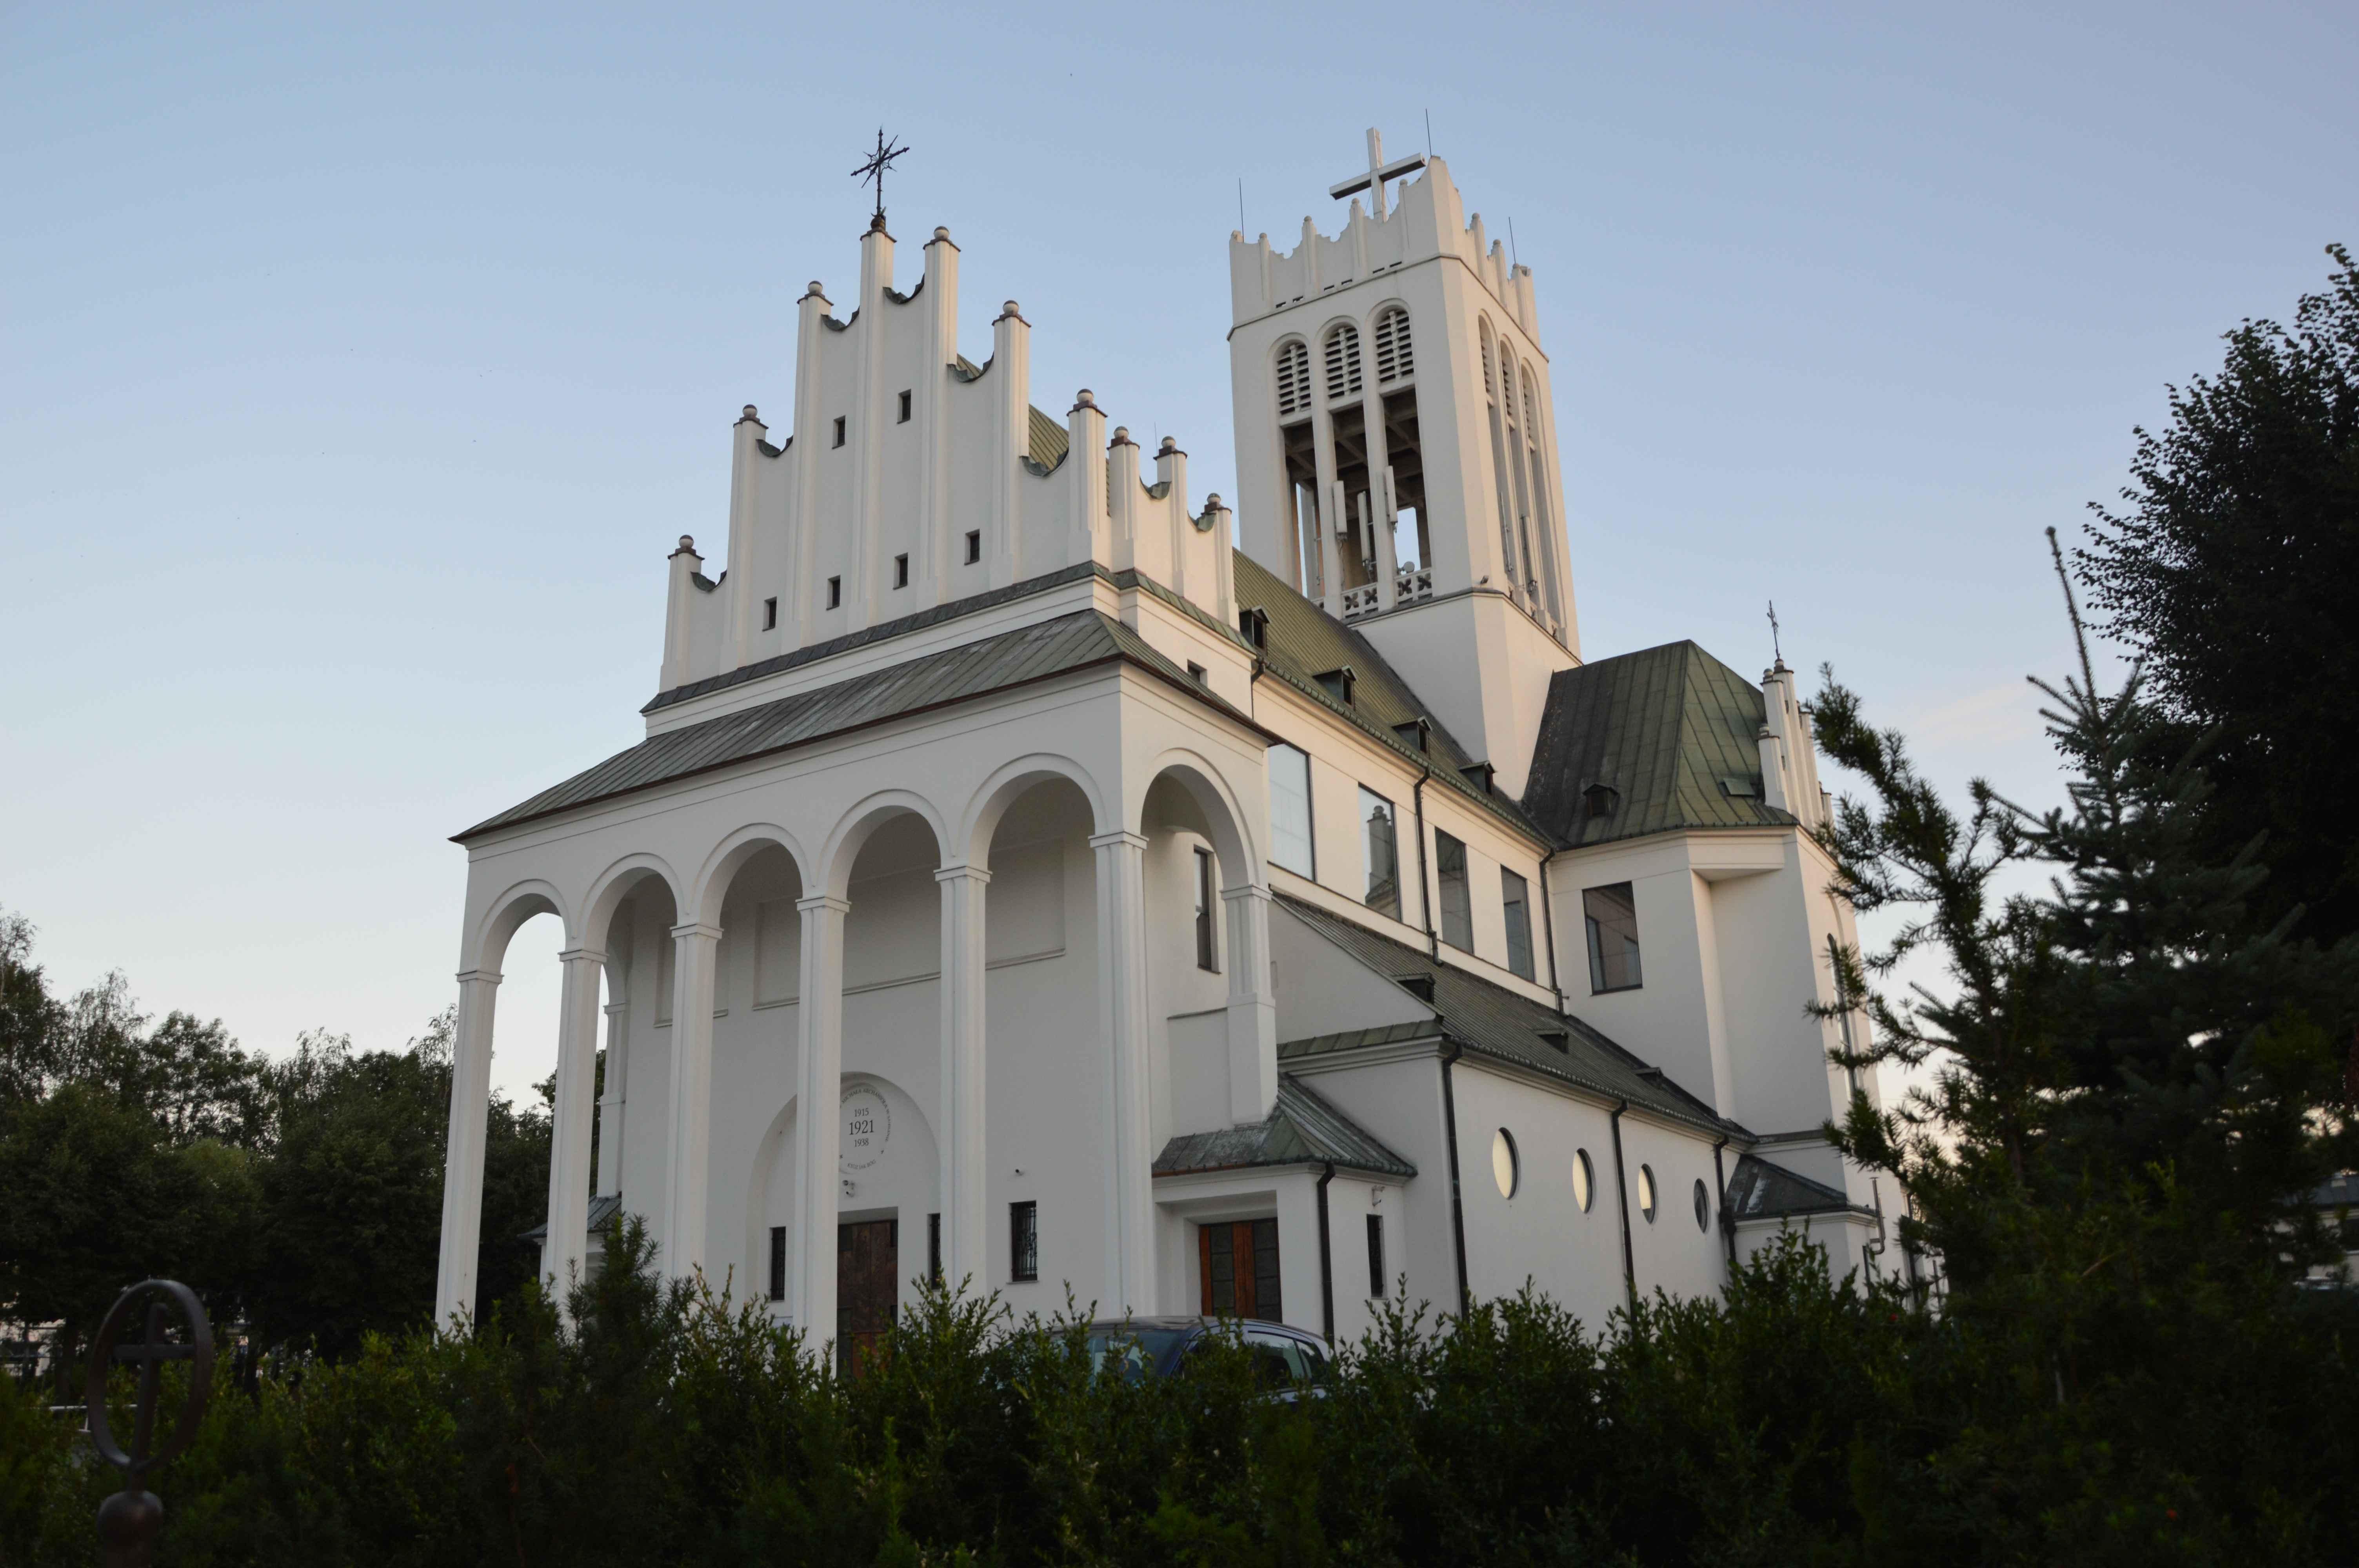 Coraz więcej zabytków w Lublinie. Władze miasta chcą wydłużyć tę listę m.in. o wieżę ciśnień - Zdjęcie główne